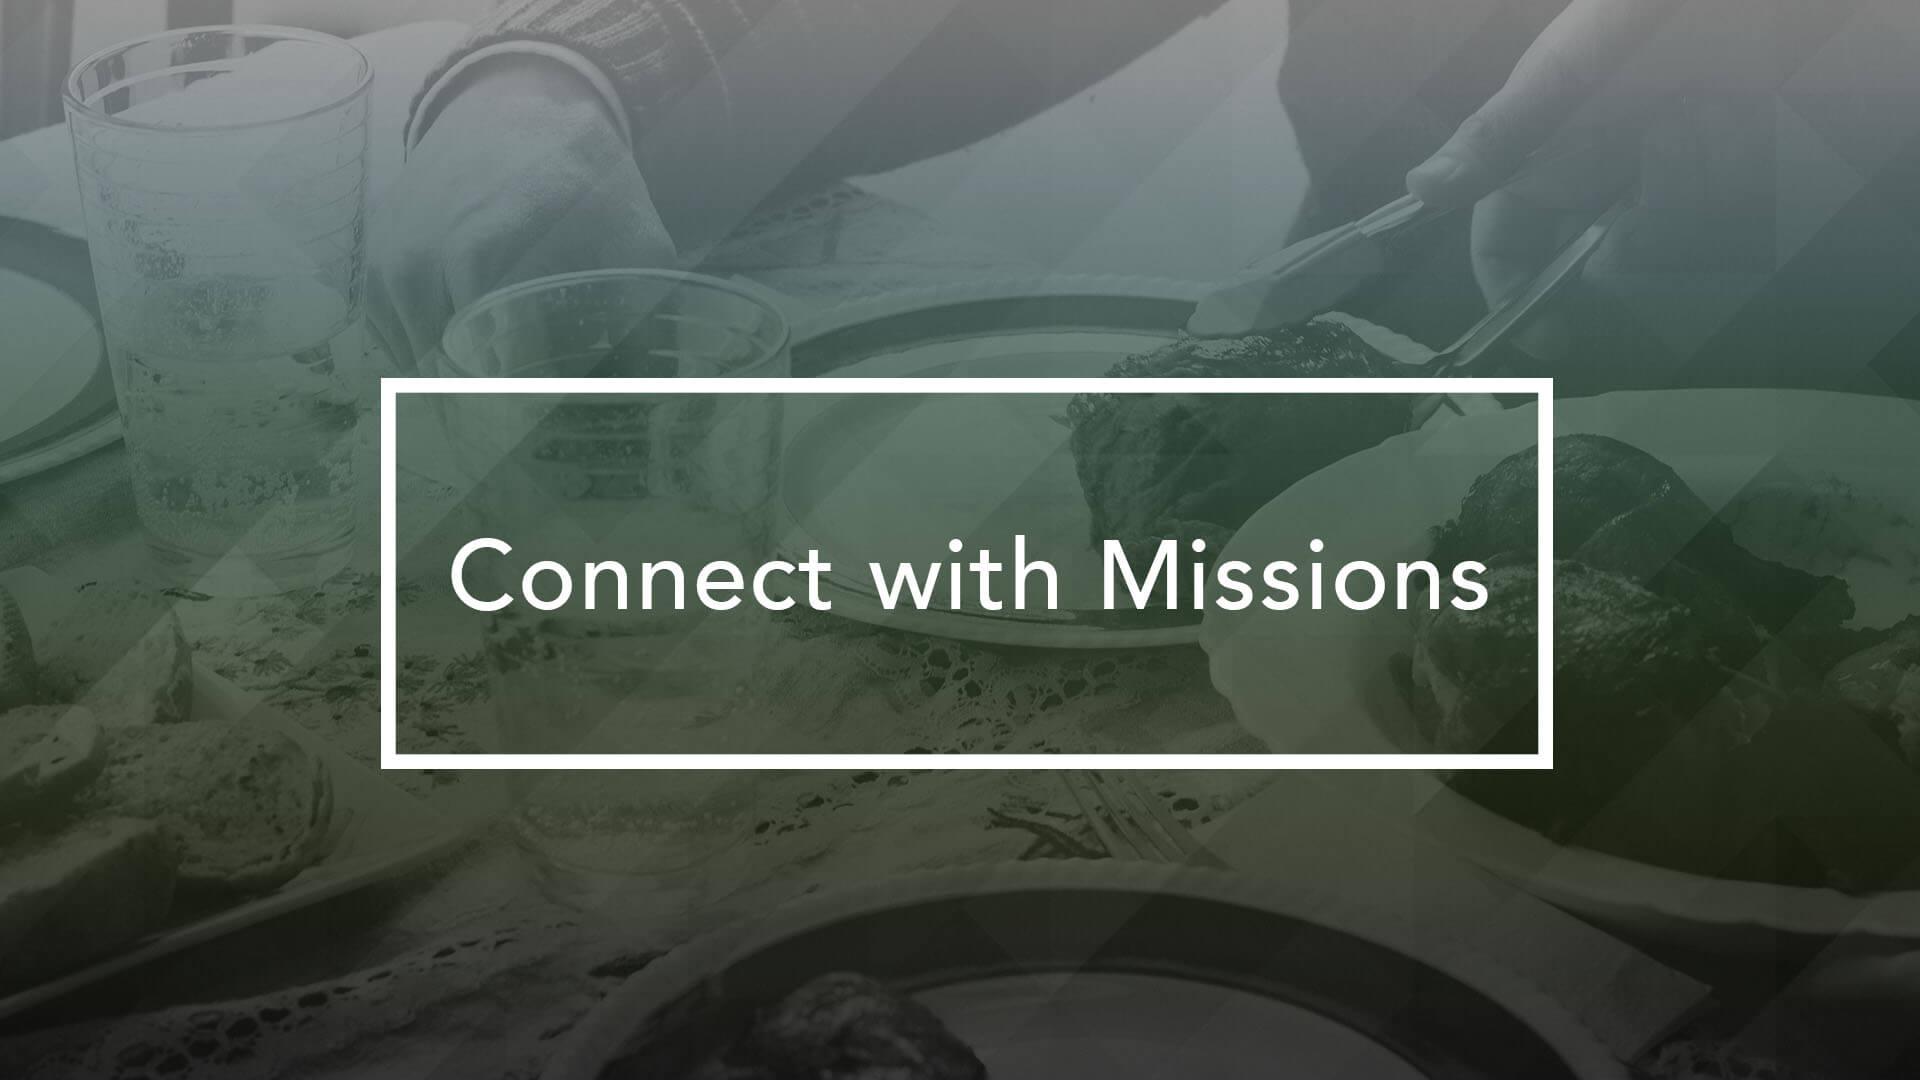 Connectwithmissionsdark